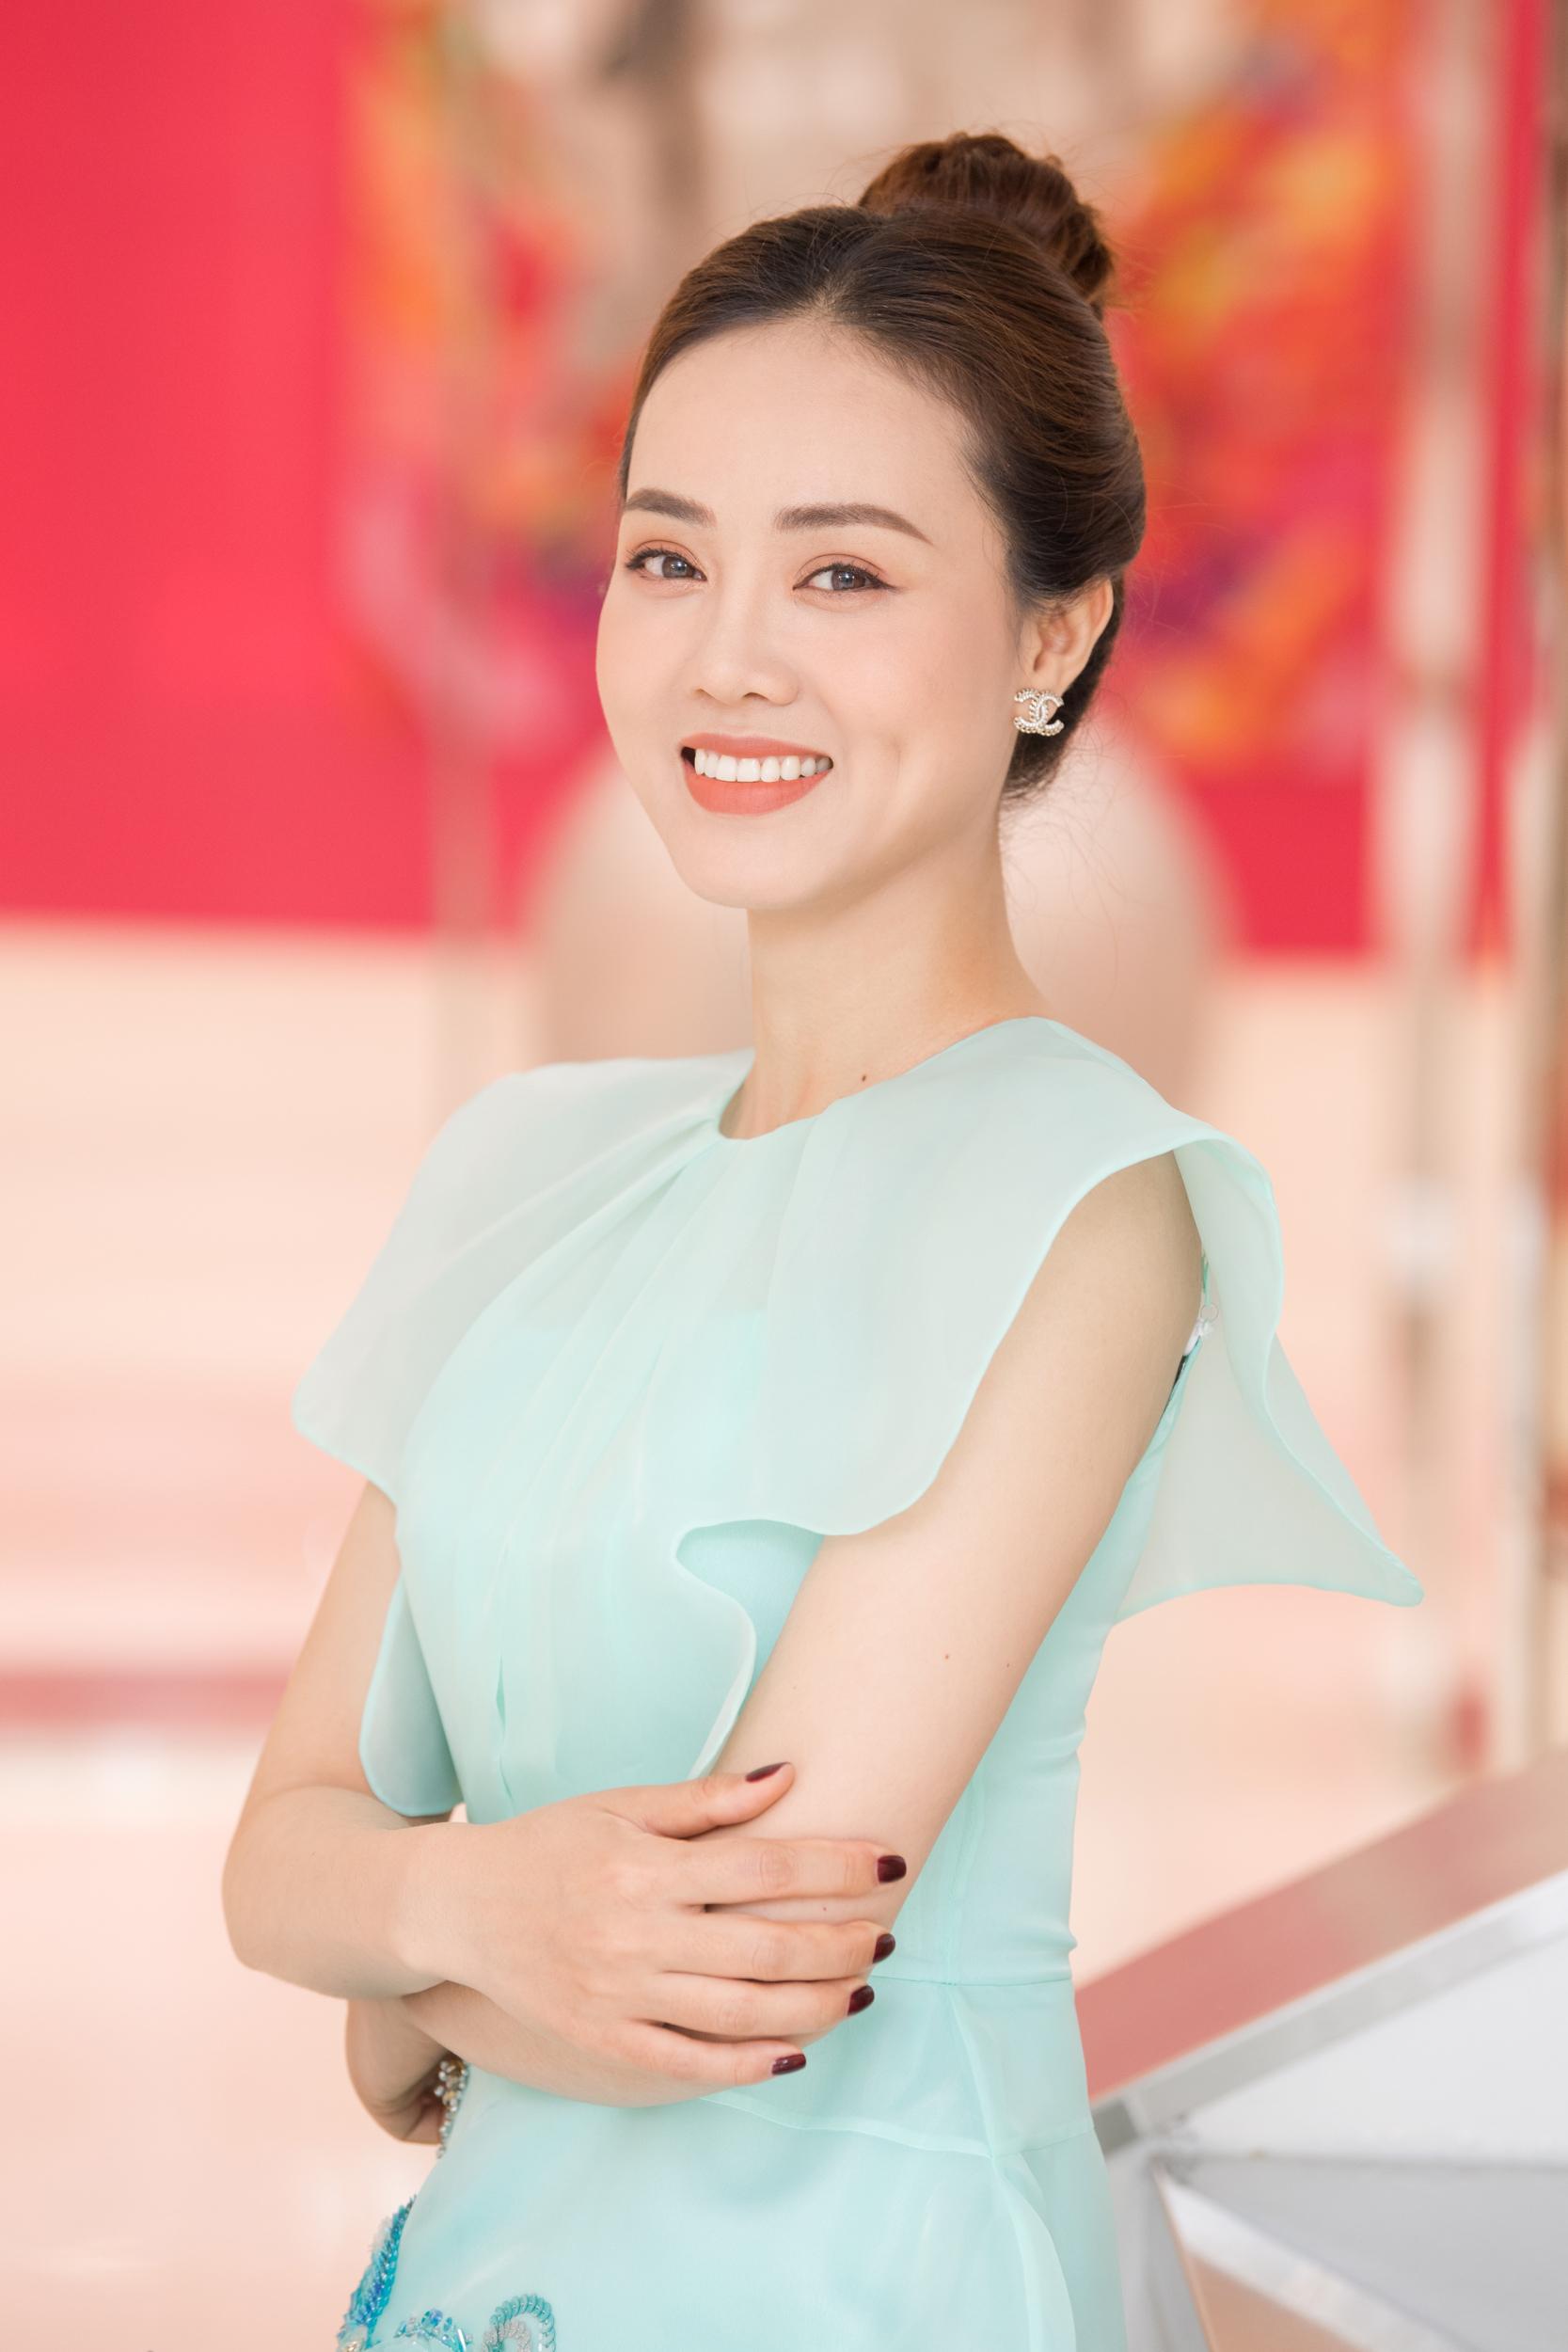 Vốn có phong cách thời trang chỉn chu, Ngọc Hà được nhiều nhà thiết kế yêu thích. Cô thường xuyên được mời chụp hình cho các bộ sưu tập.